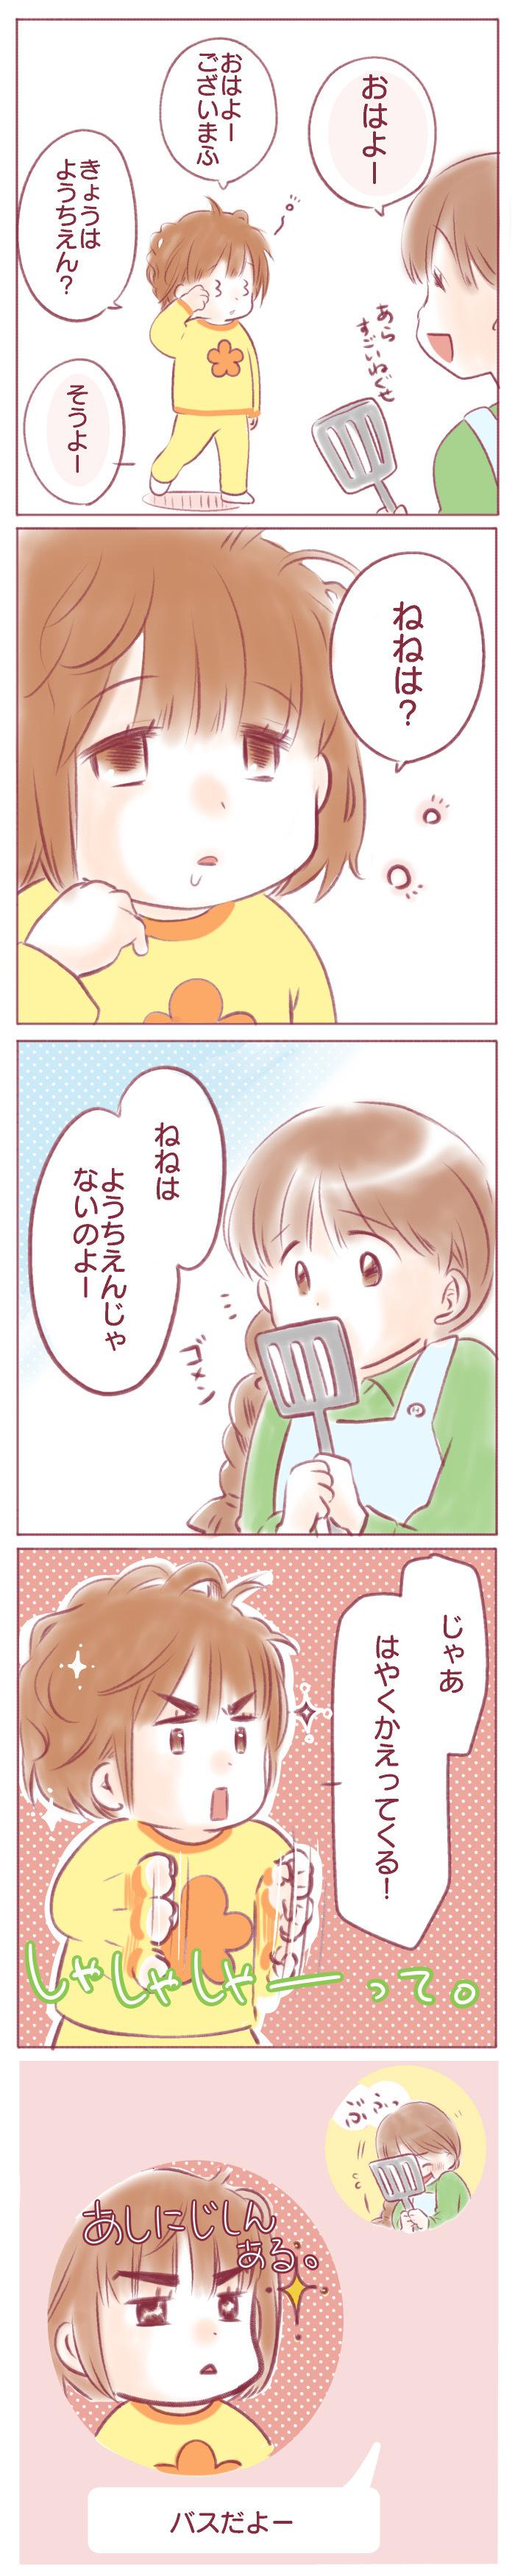 """幼稚園に行く朝、""""新米おねえちゃん""""がどうしても気になったことの画像1"""